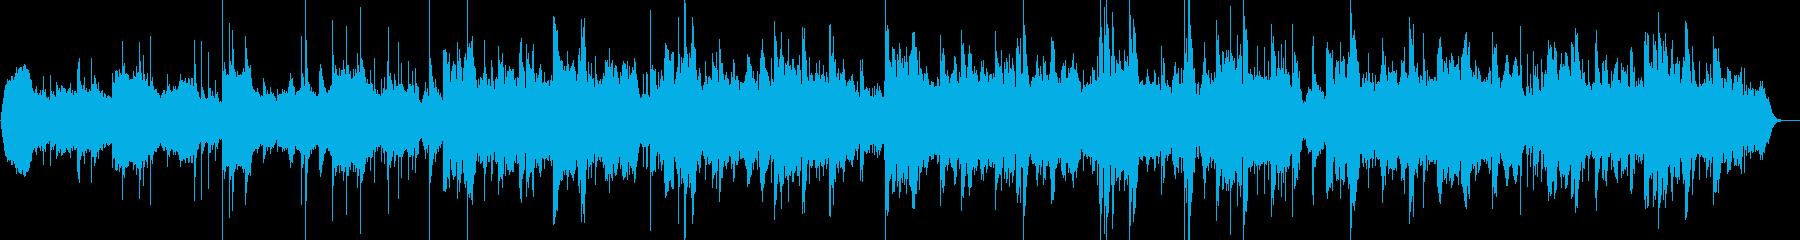 ジングル - 幻想的な和EDMの再生済みの波形